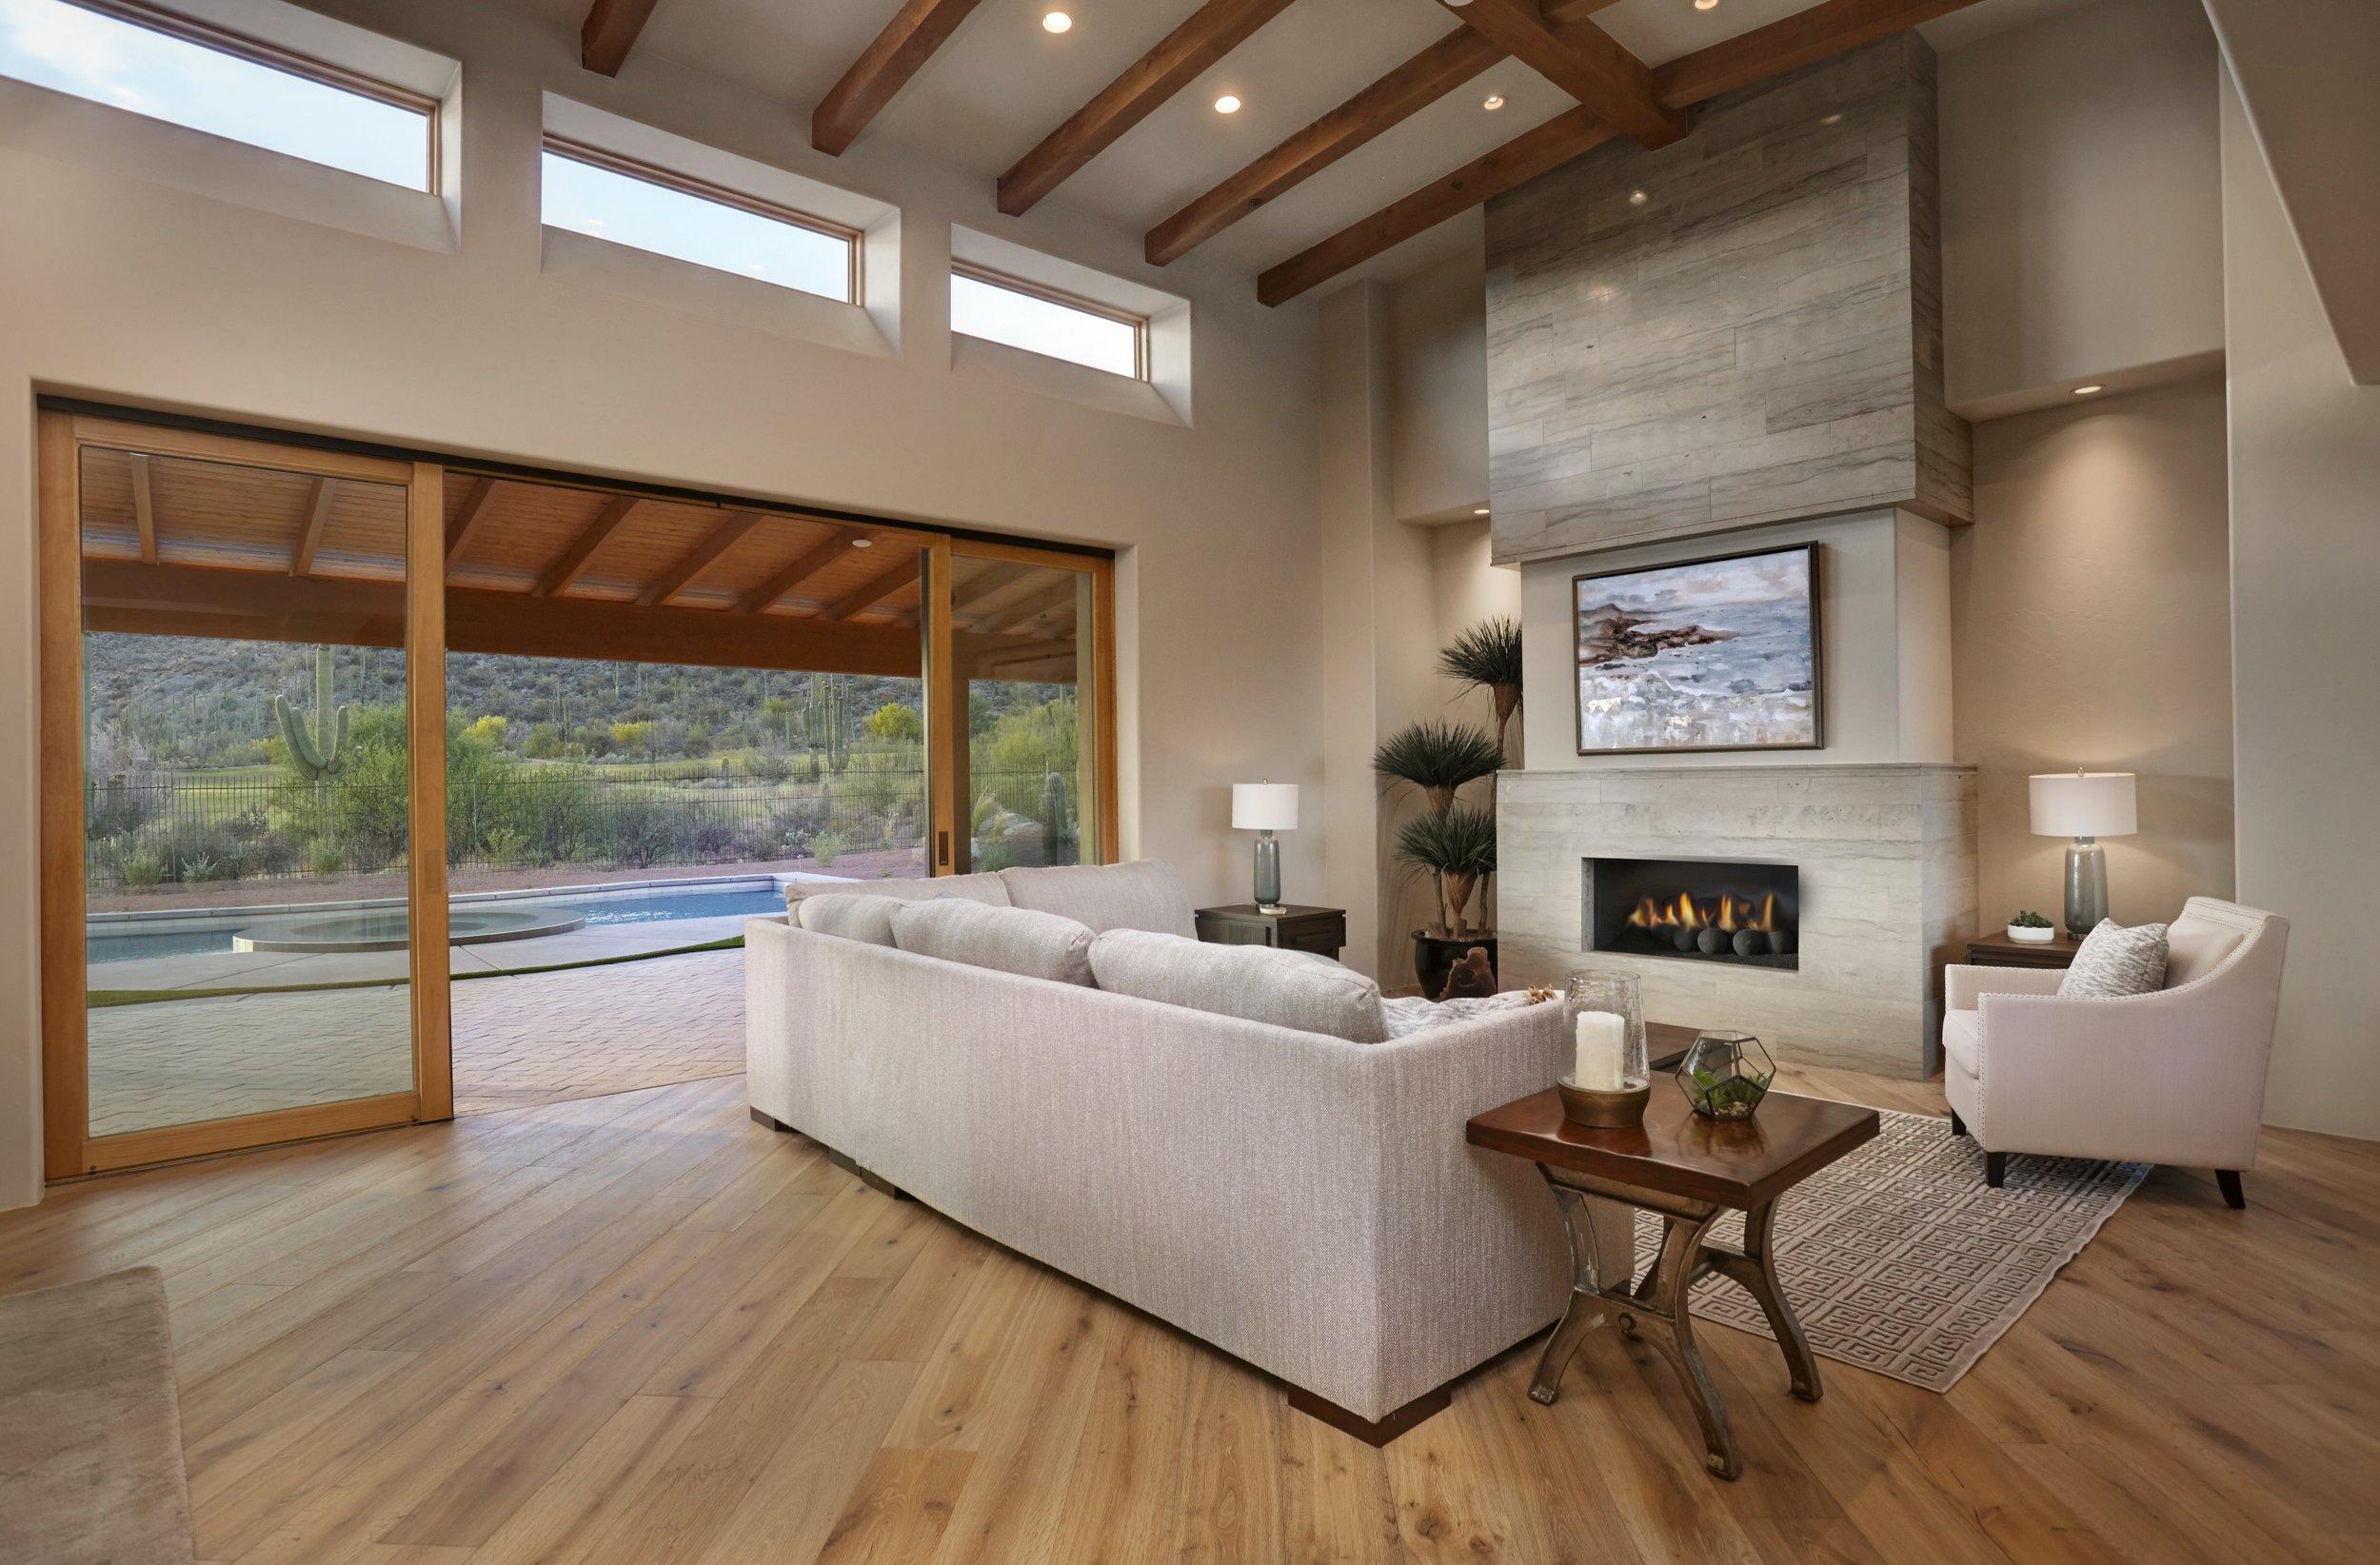 Desert Ranch - The Ritz-Carlton Residences, Dove MountainSOLD